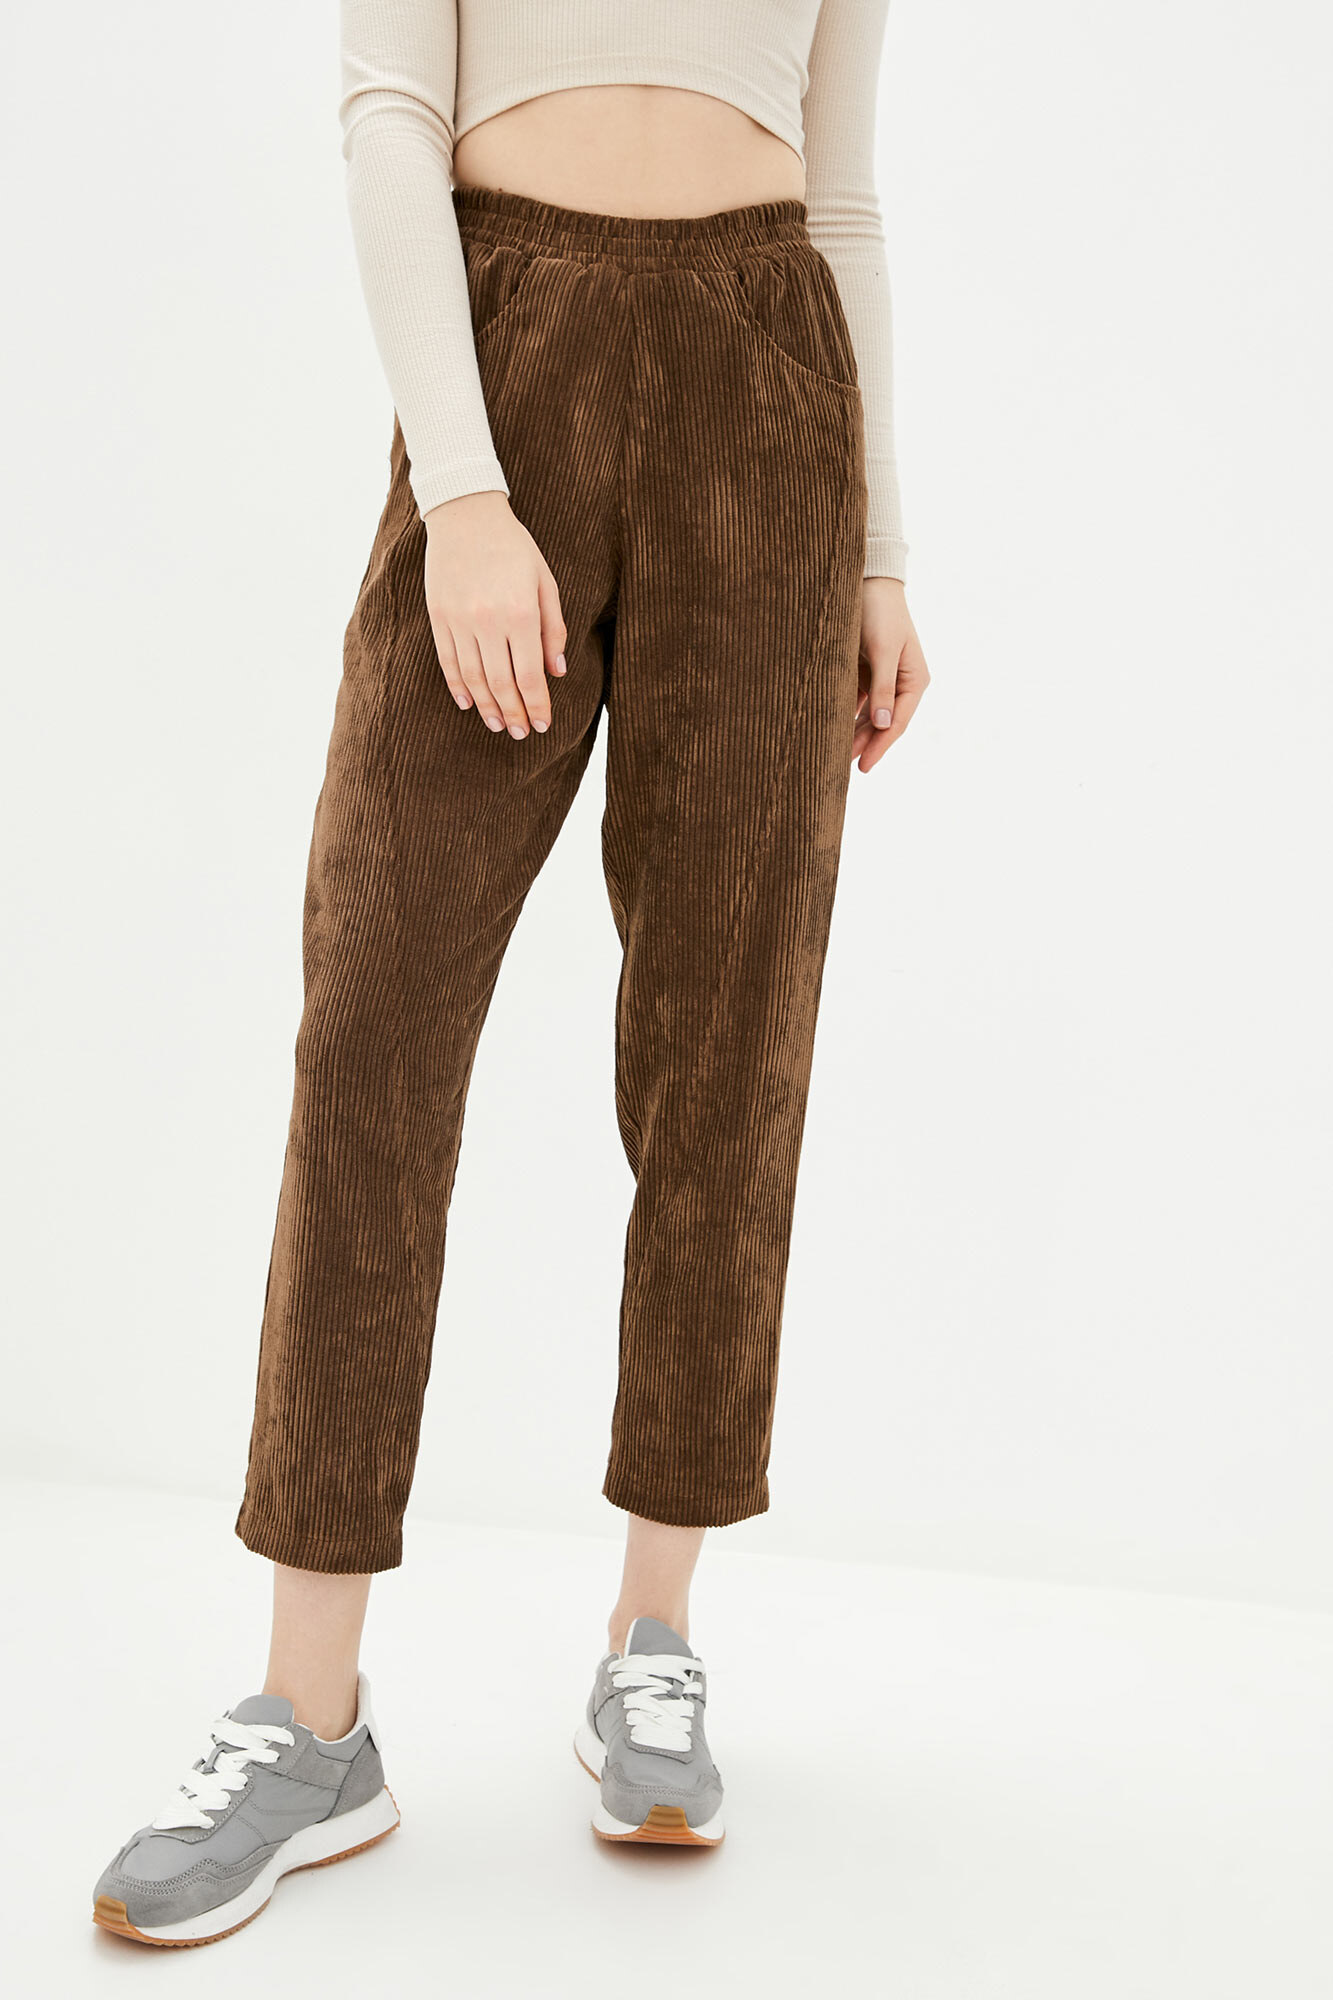 Короткие коричневые вельветовые штаны с завышенной талией GEN